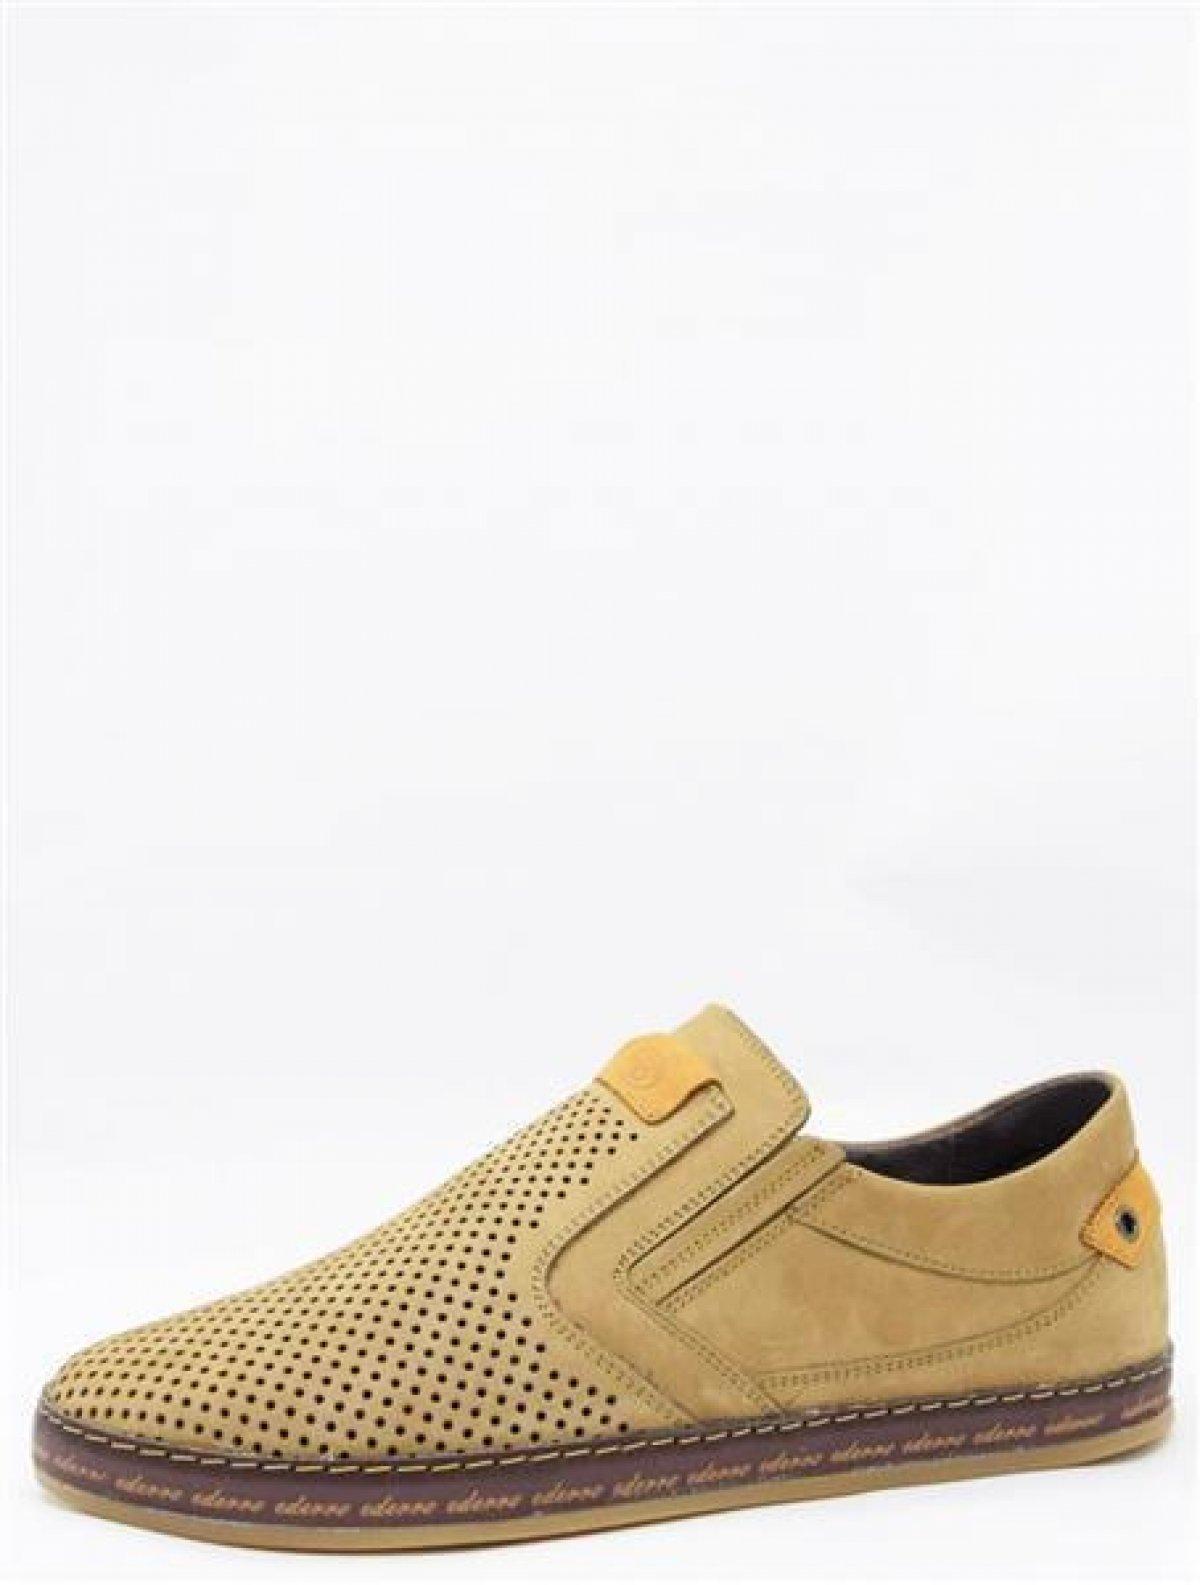 EDERRO 9145554 мужские туфли